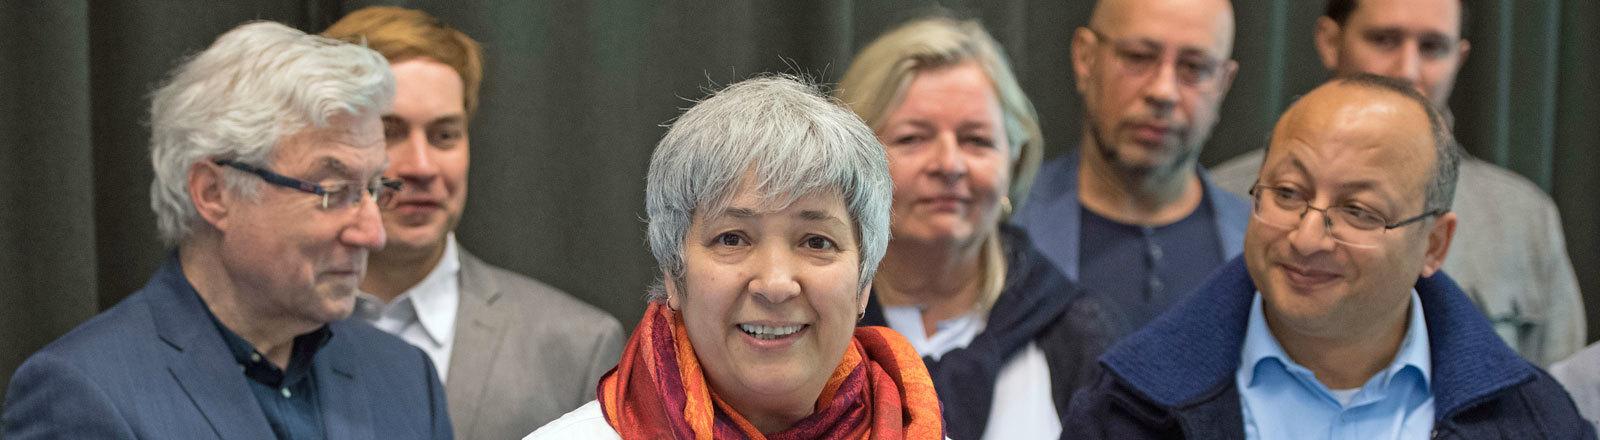 Seyran Ates, Gründerin der liberalen Moschee, mit Unterstützern